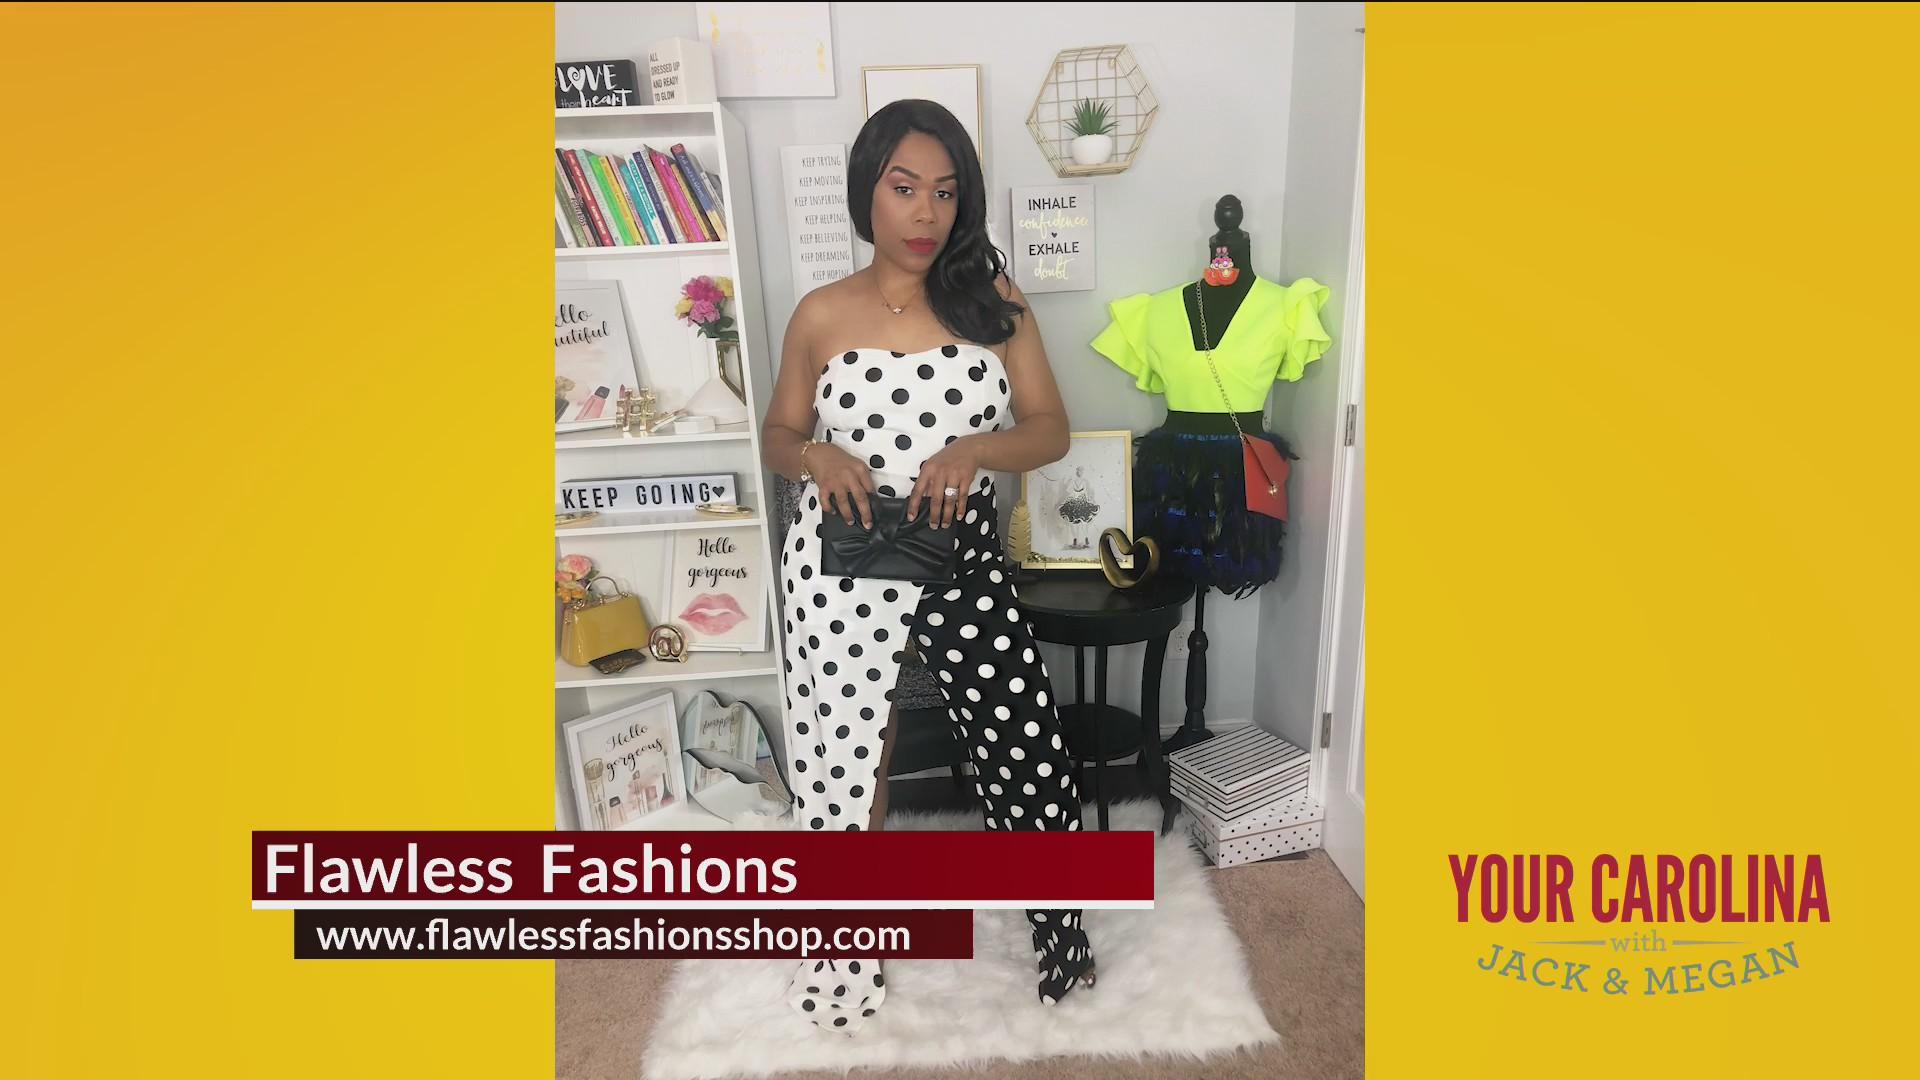 Fashion Trend Tuesday - Flawless Fashions